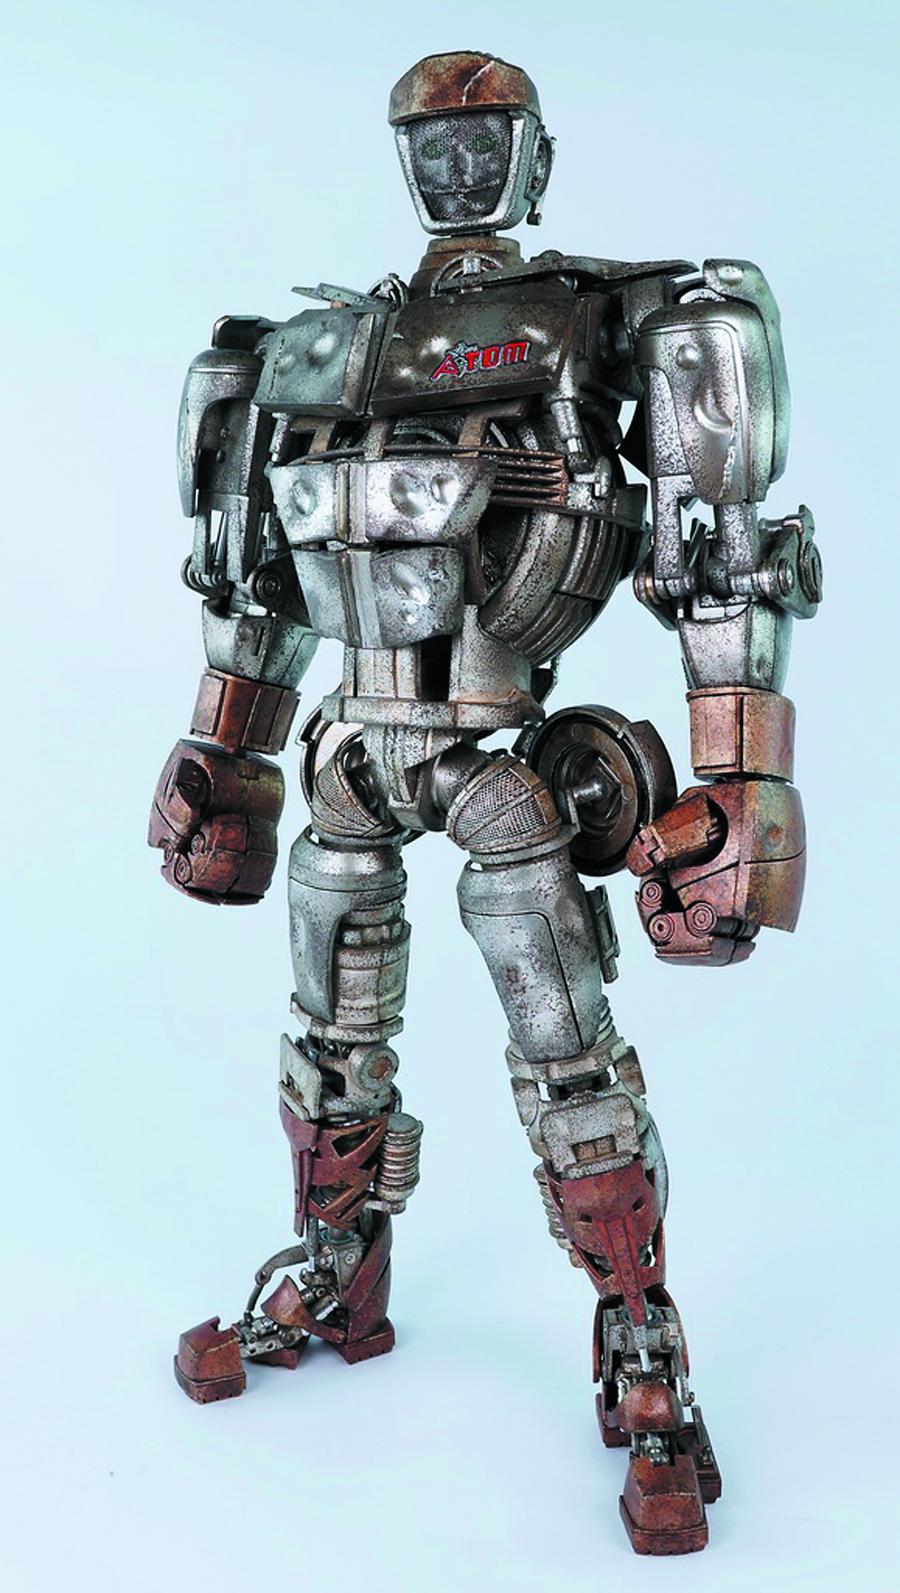 картинки игрушек роботов из живой стали приложении можно